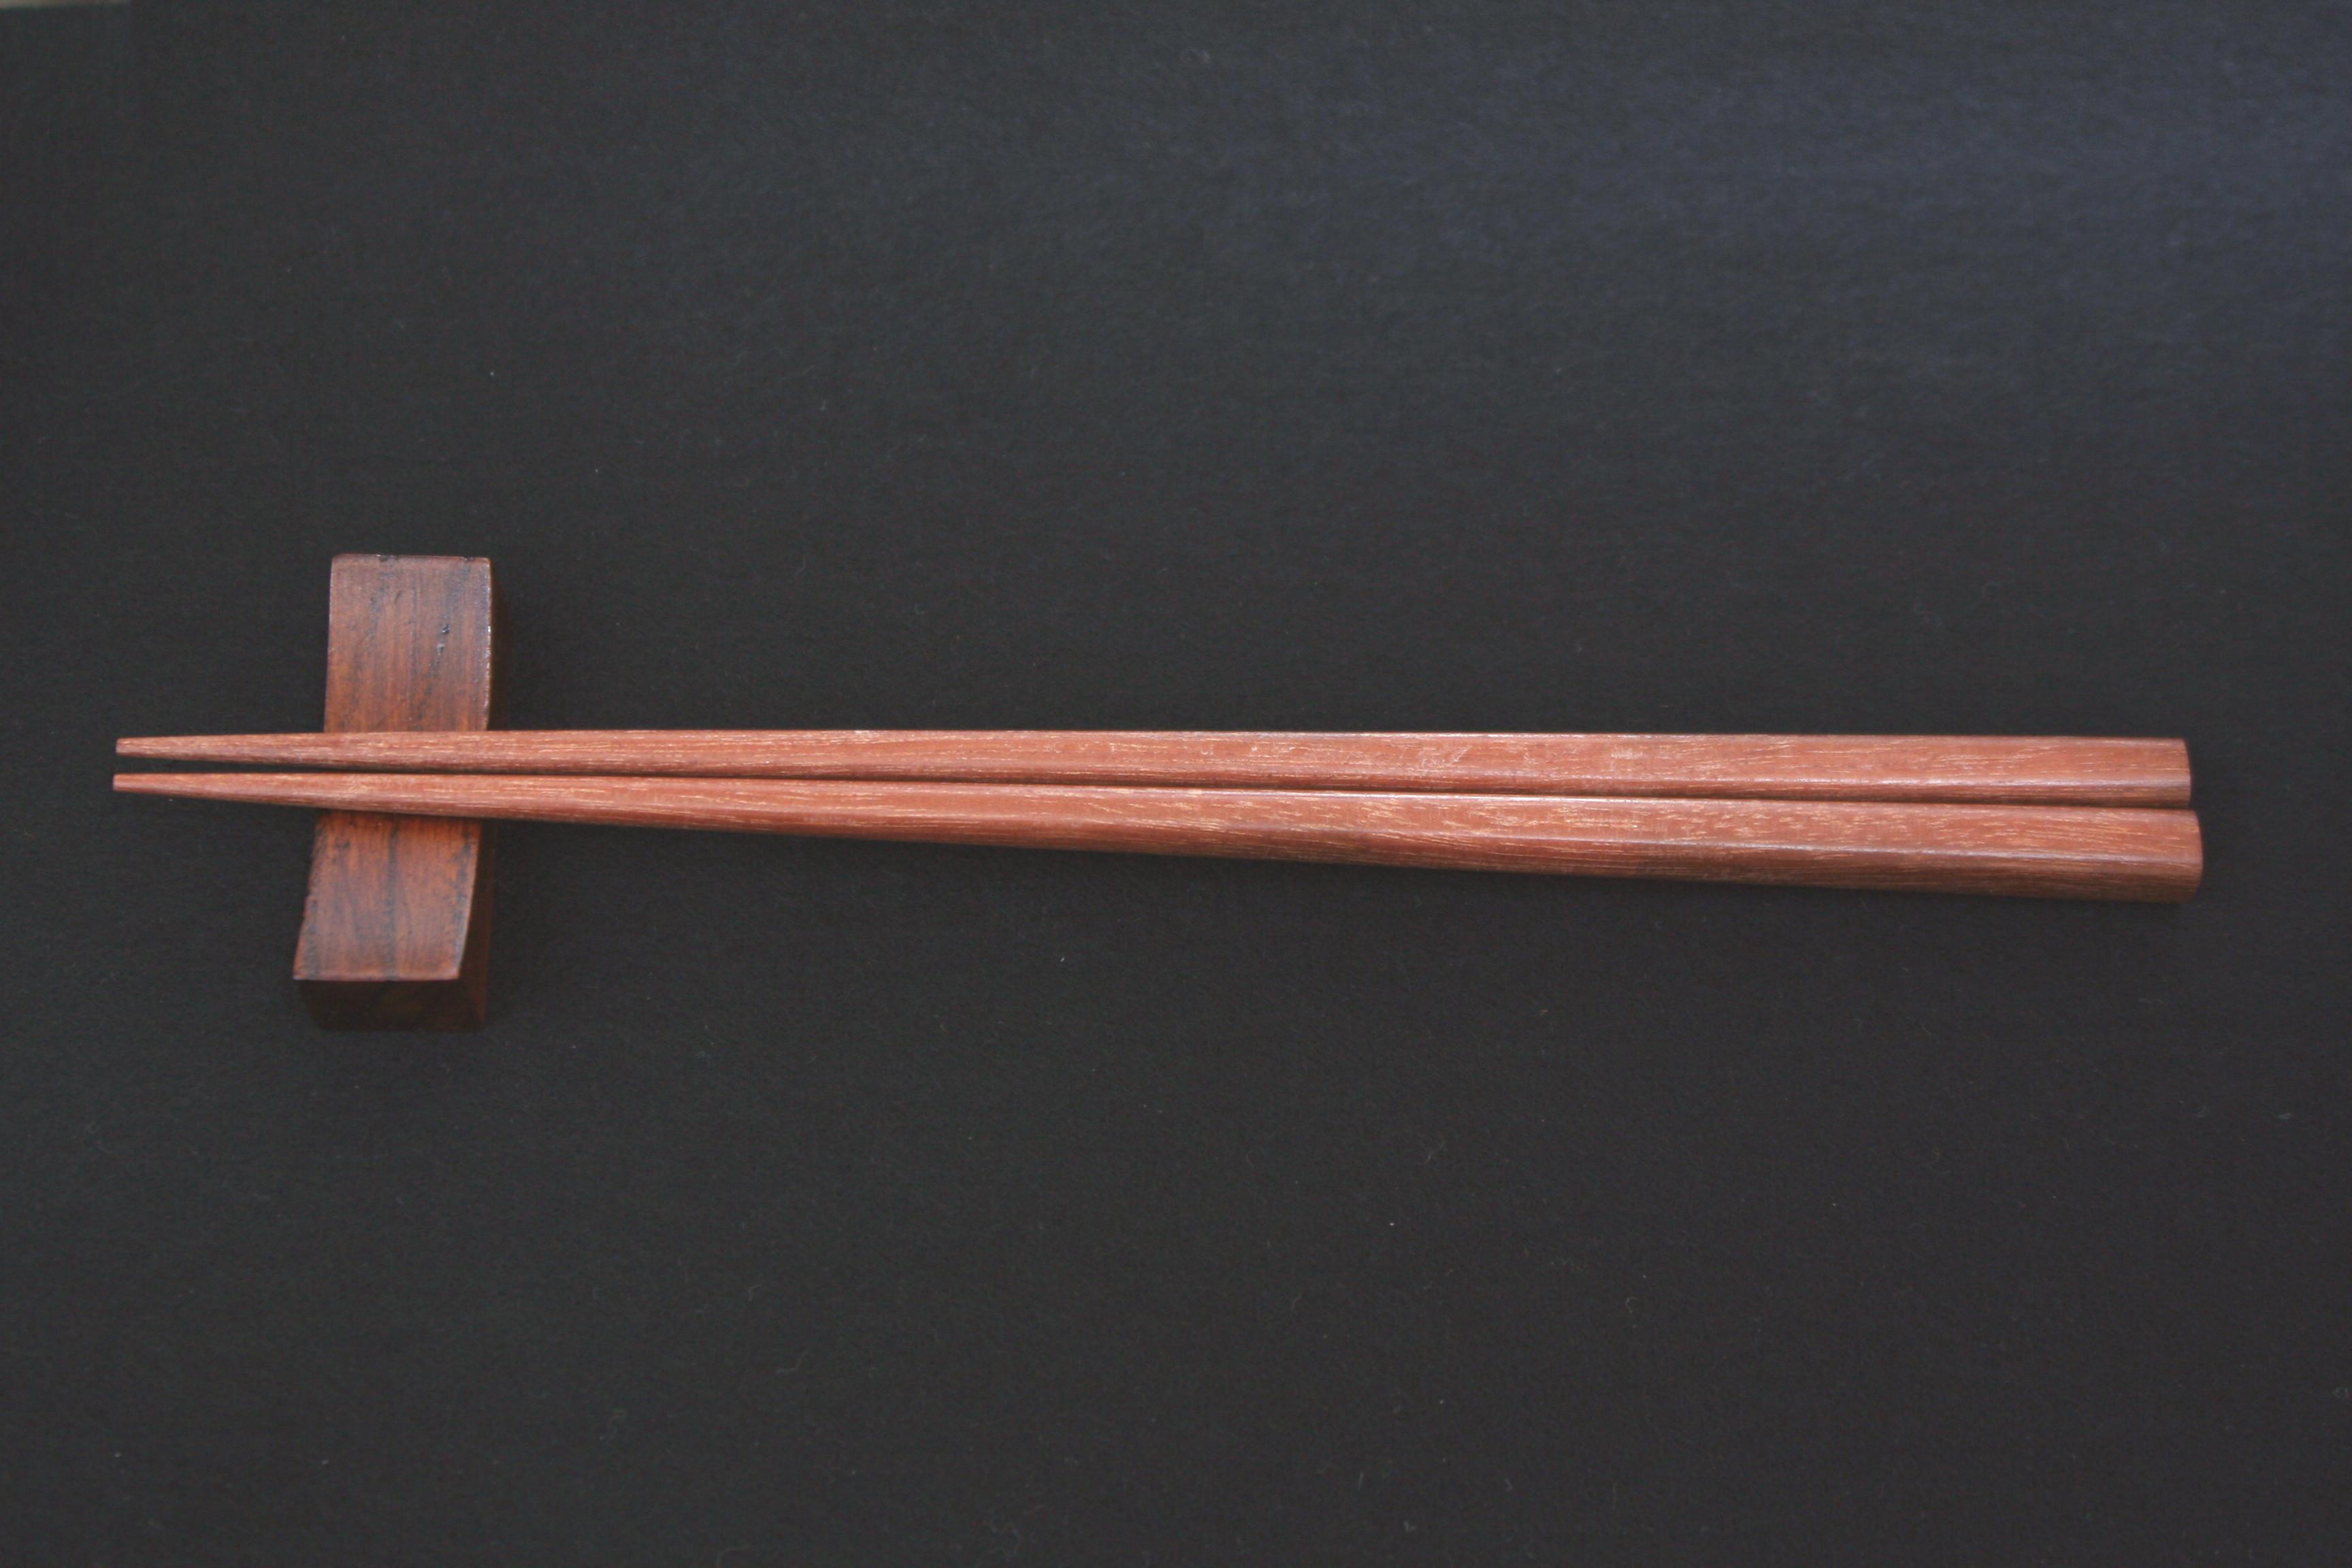 「箸 スプーン」の画像検索結果